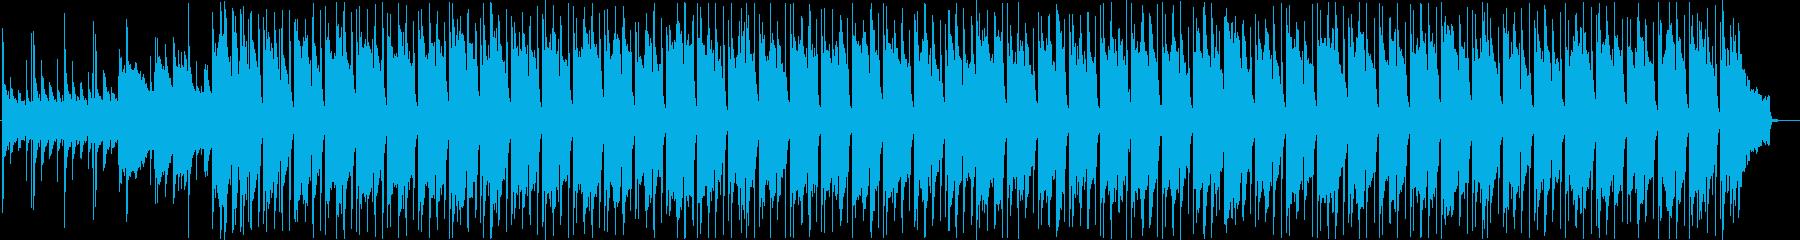 ほのぼのした日常感のあるBGMの再生済みの波形